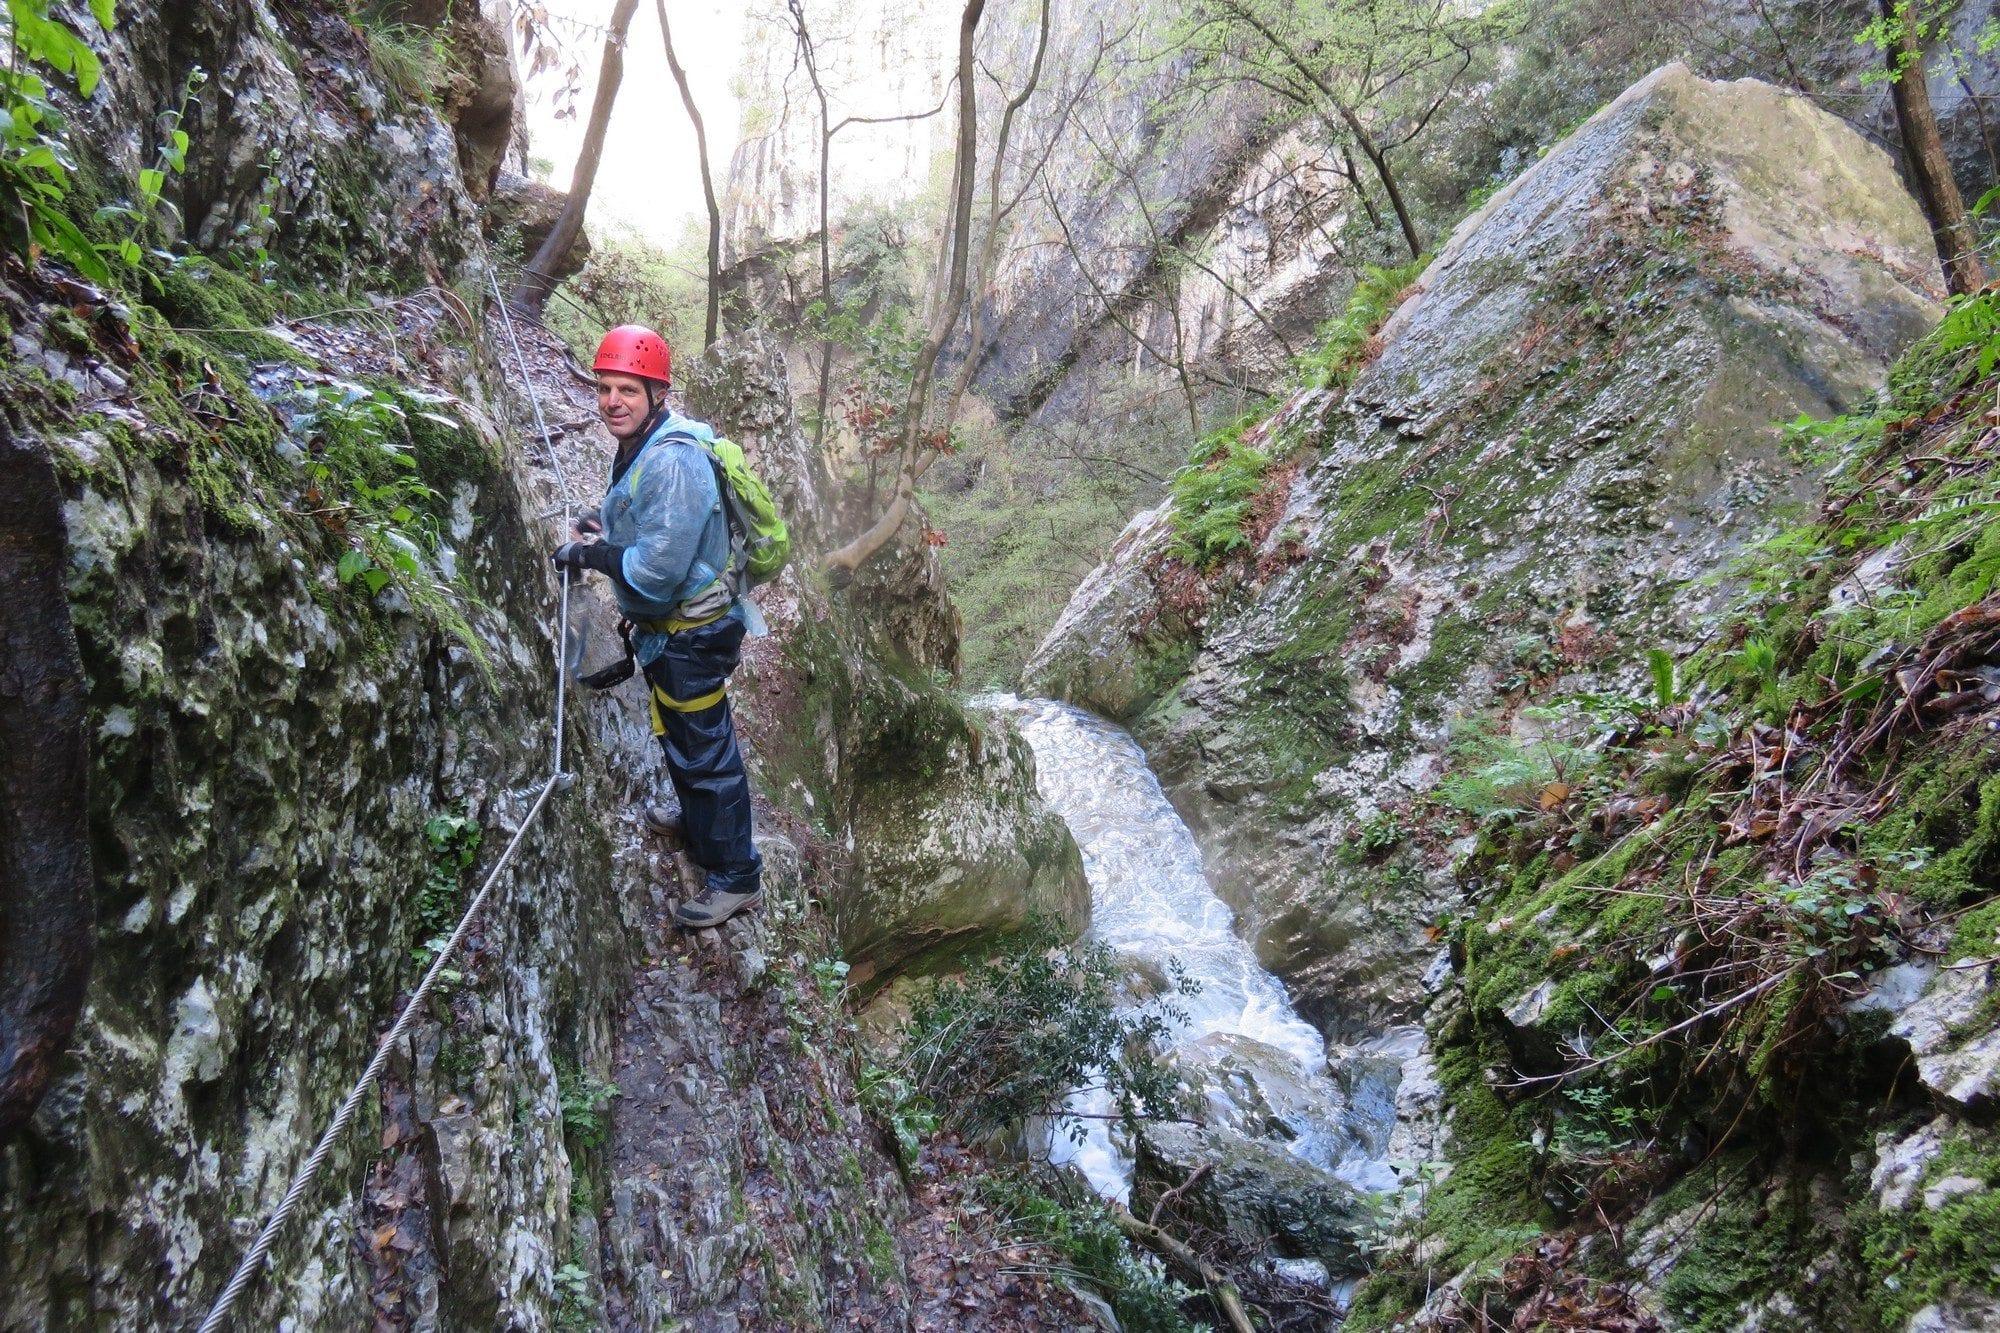 ויה פראטה Sallagoni - טיול אתגרי בצפון איטליה - ערוצים בטבע